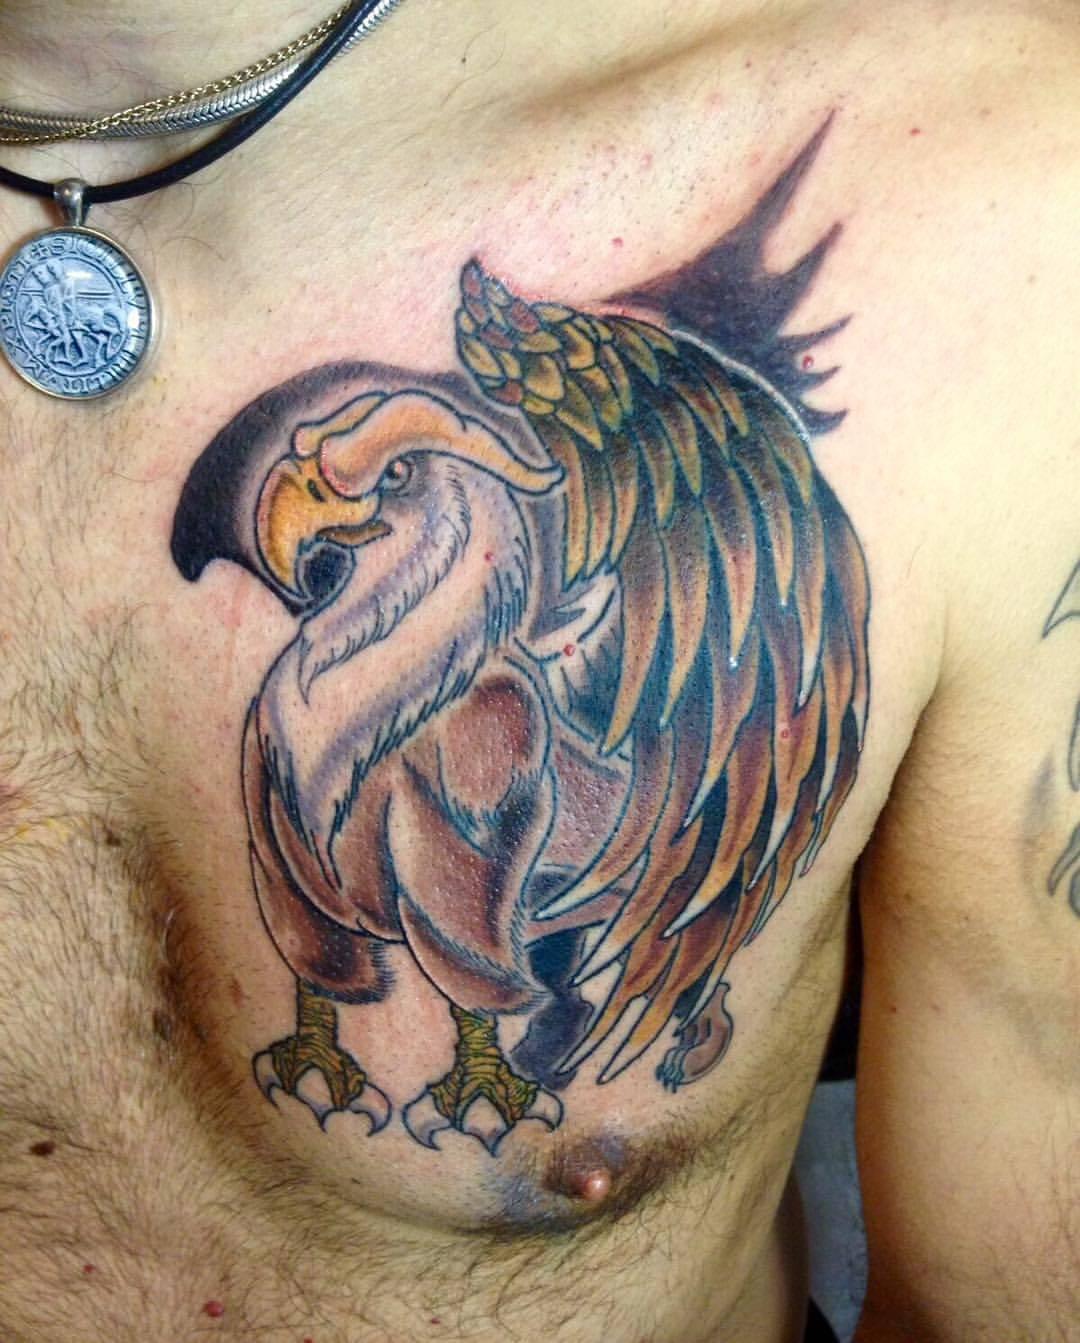 Rocking-Silvia-Tattoo-Grifone-Ligera-Ink-Studio-Tattoo-Milano-tatuaggiotatuaggio-new-school- tattoo-new-school